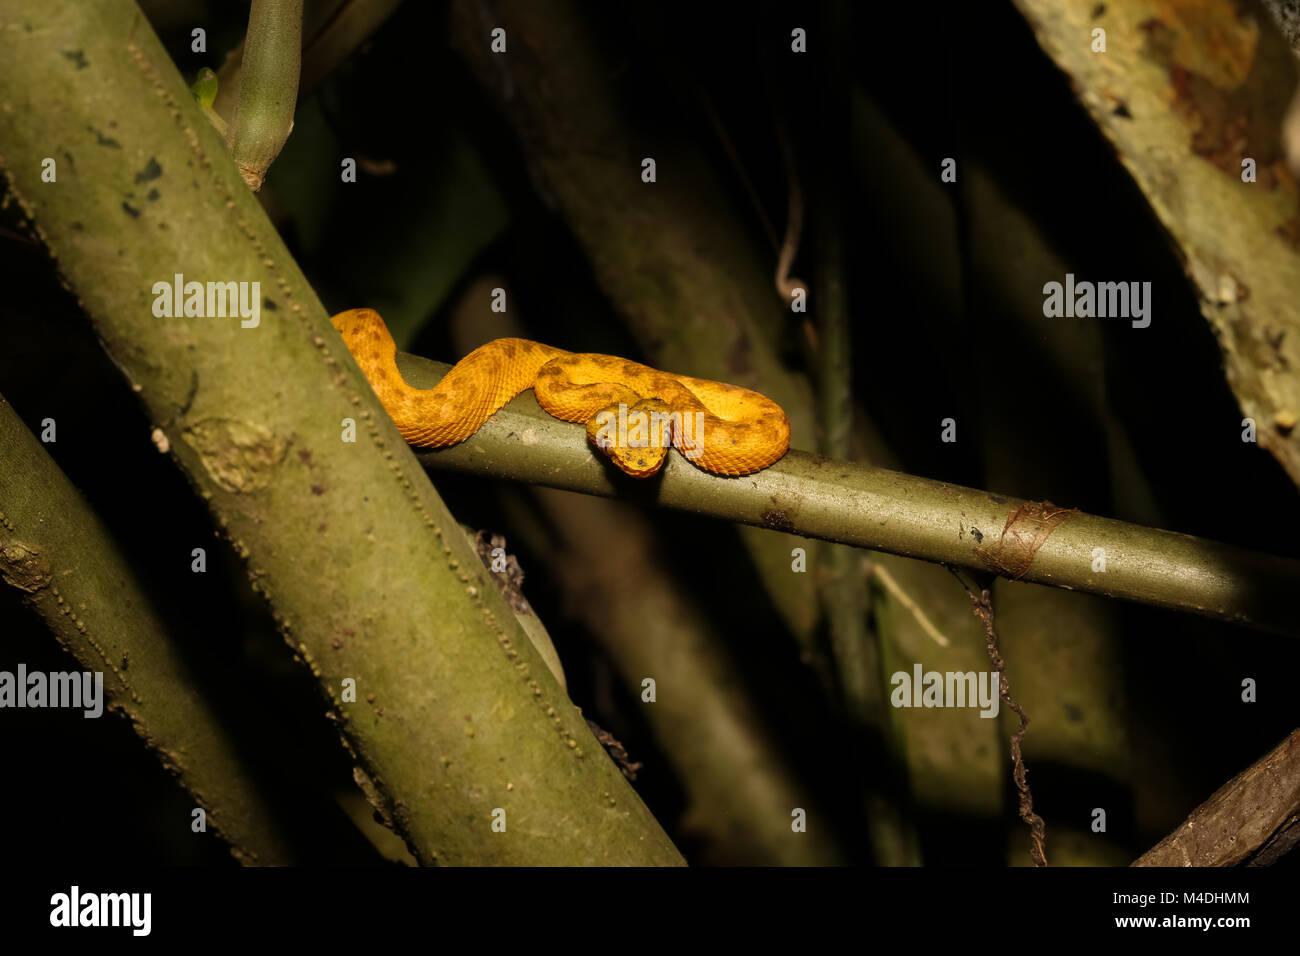 Wimpern Pitviper in Costa Rica Stockbild